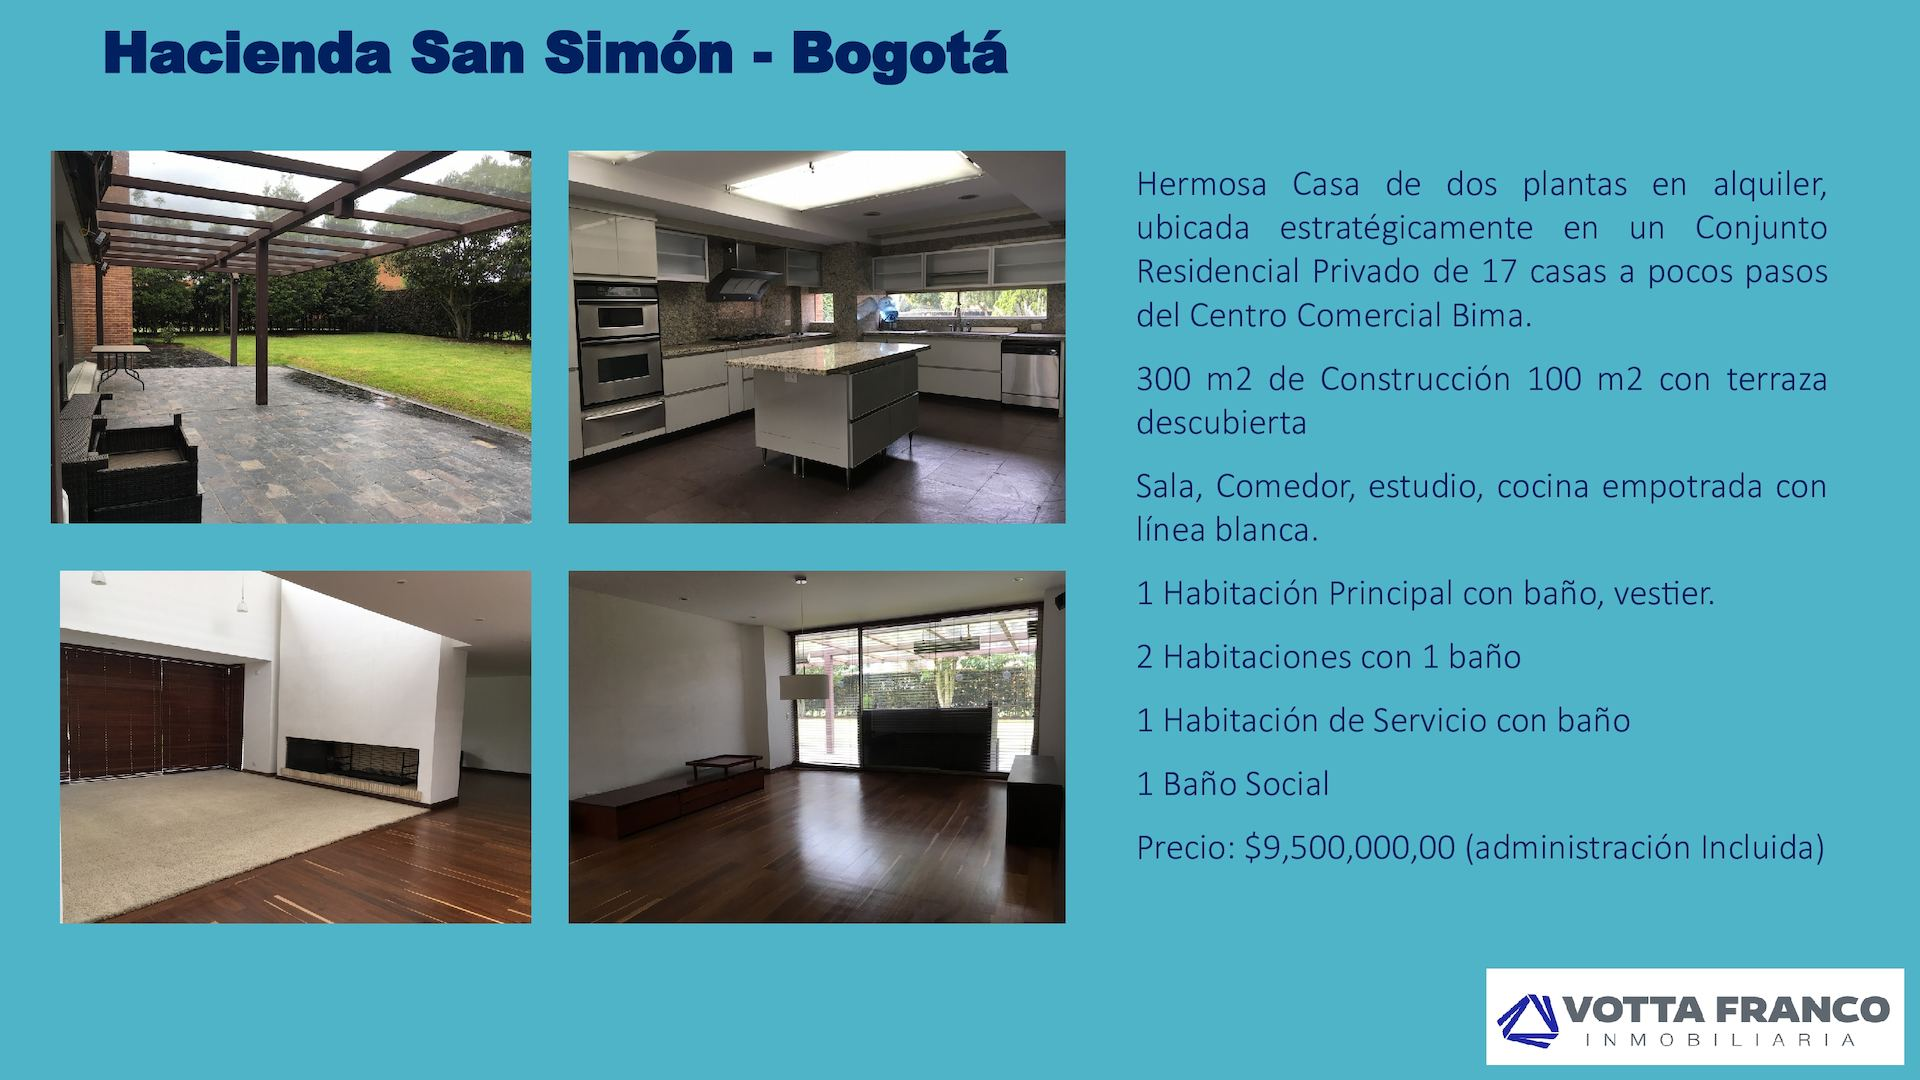 Calaméo Hacienda San Simón Bogotá